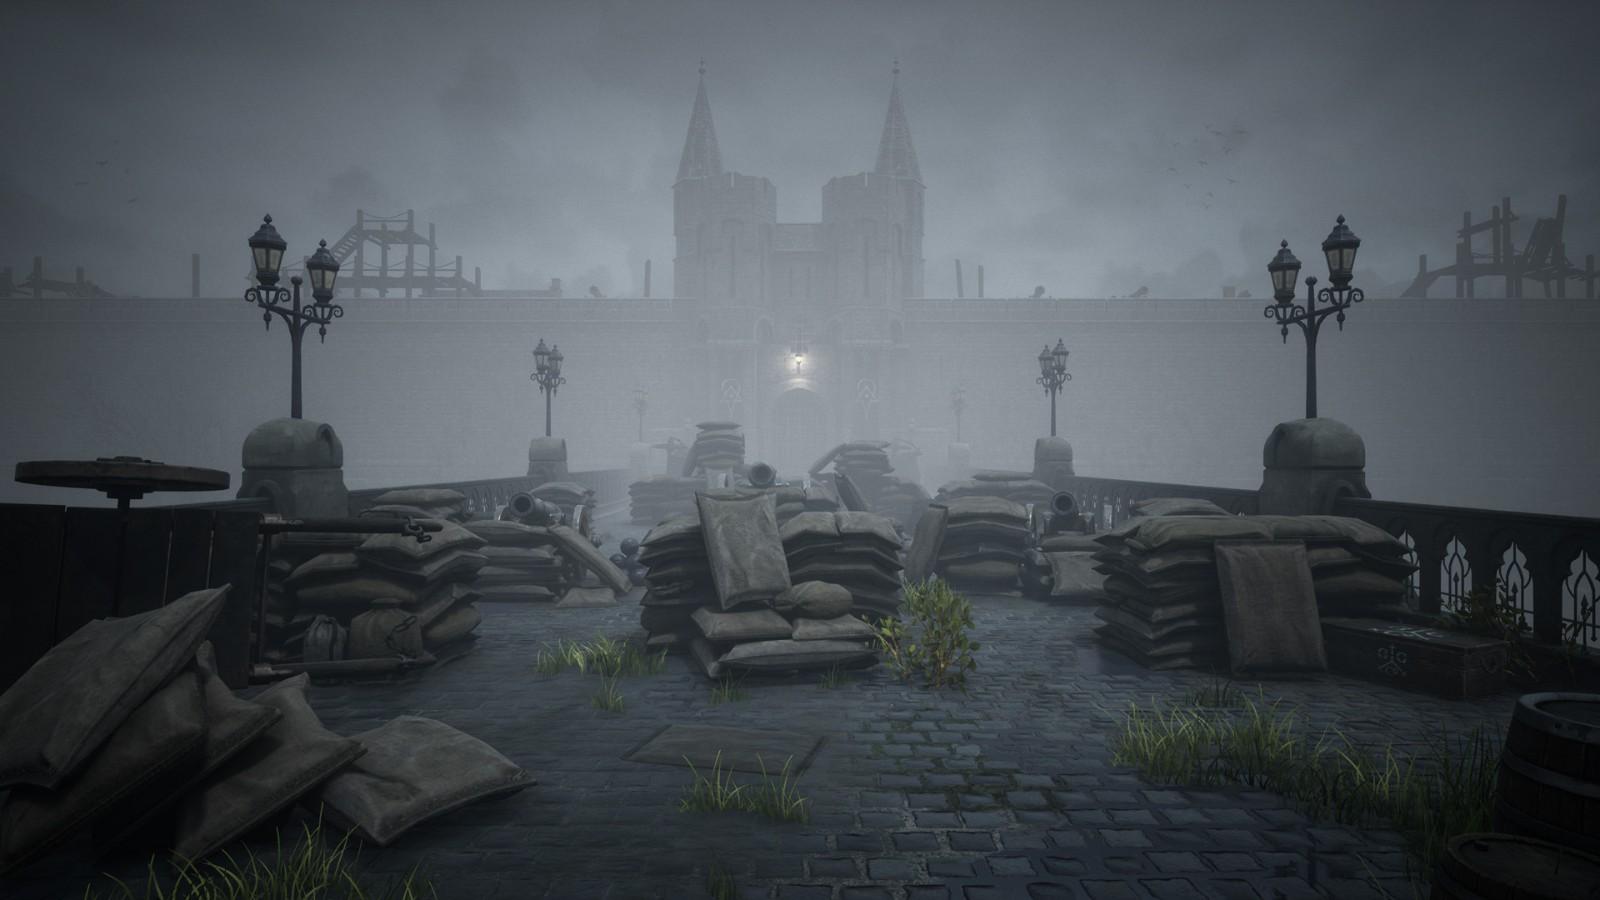 回合制策略RPG《黑暗传说》3月25日发售